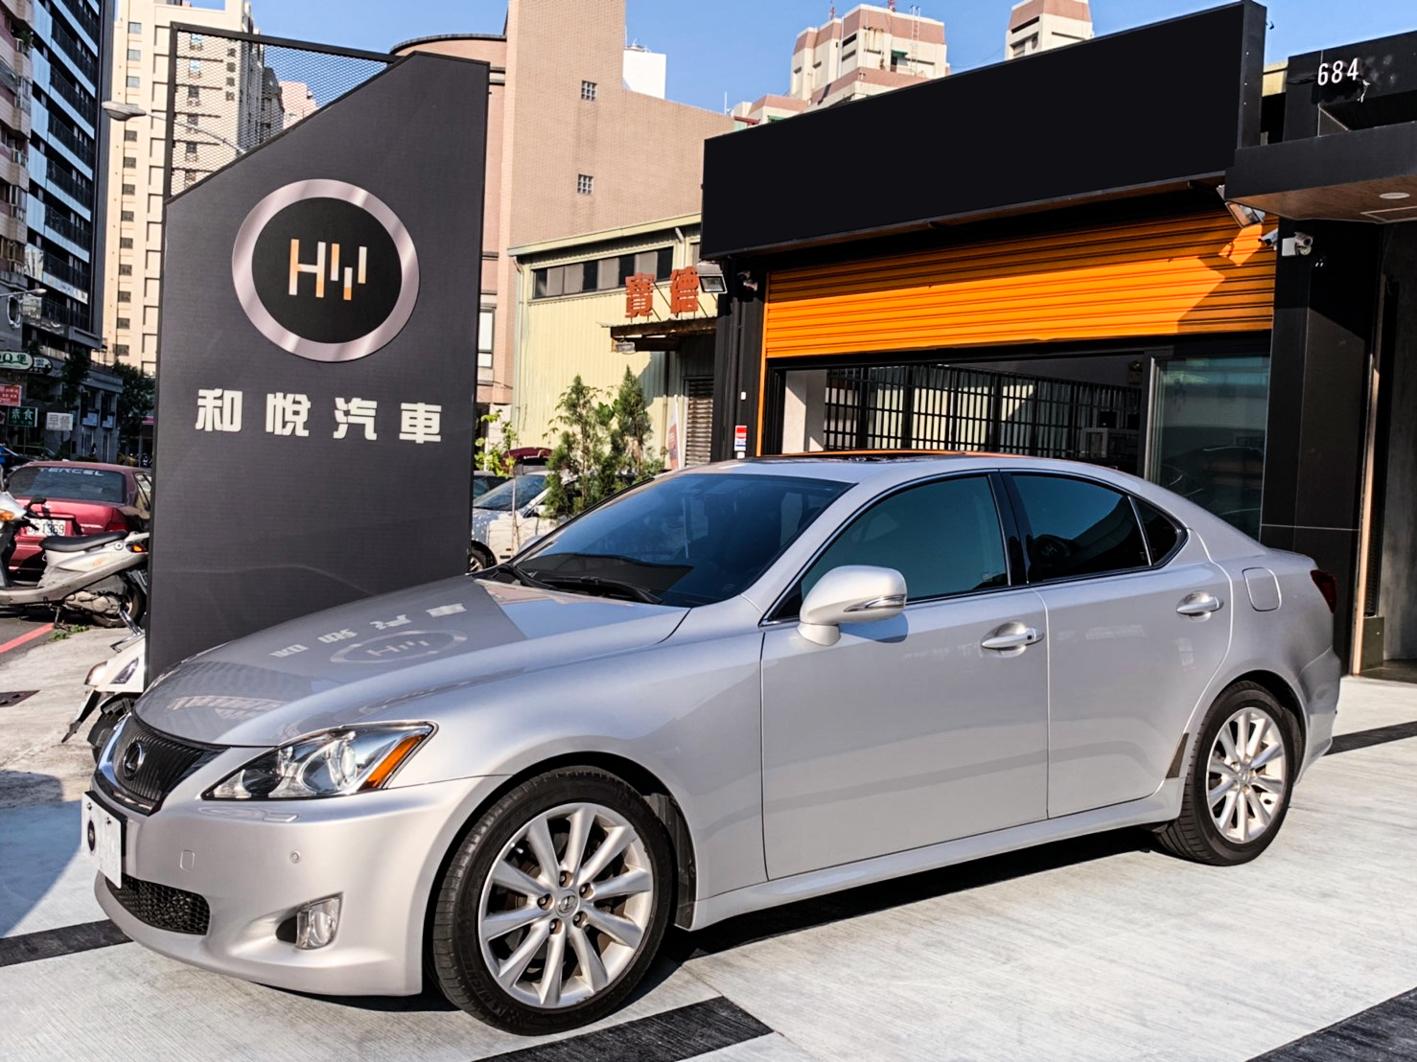 2010 Lexus 凌志 Is